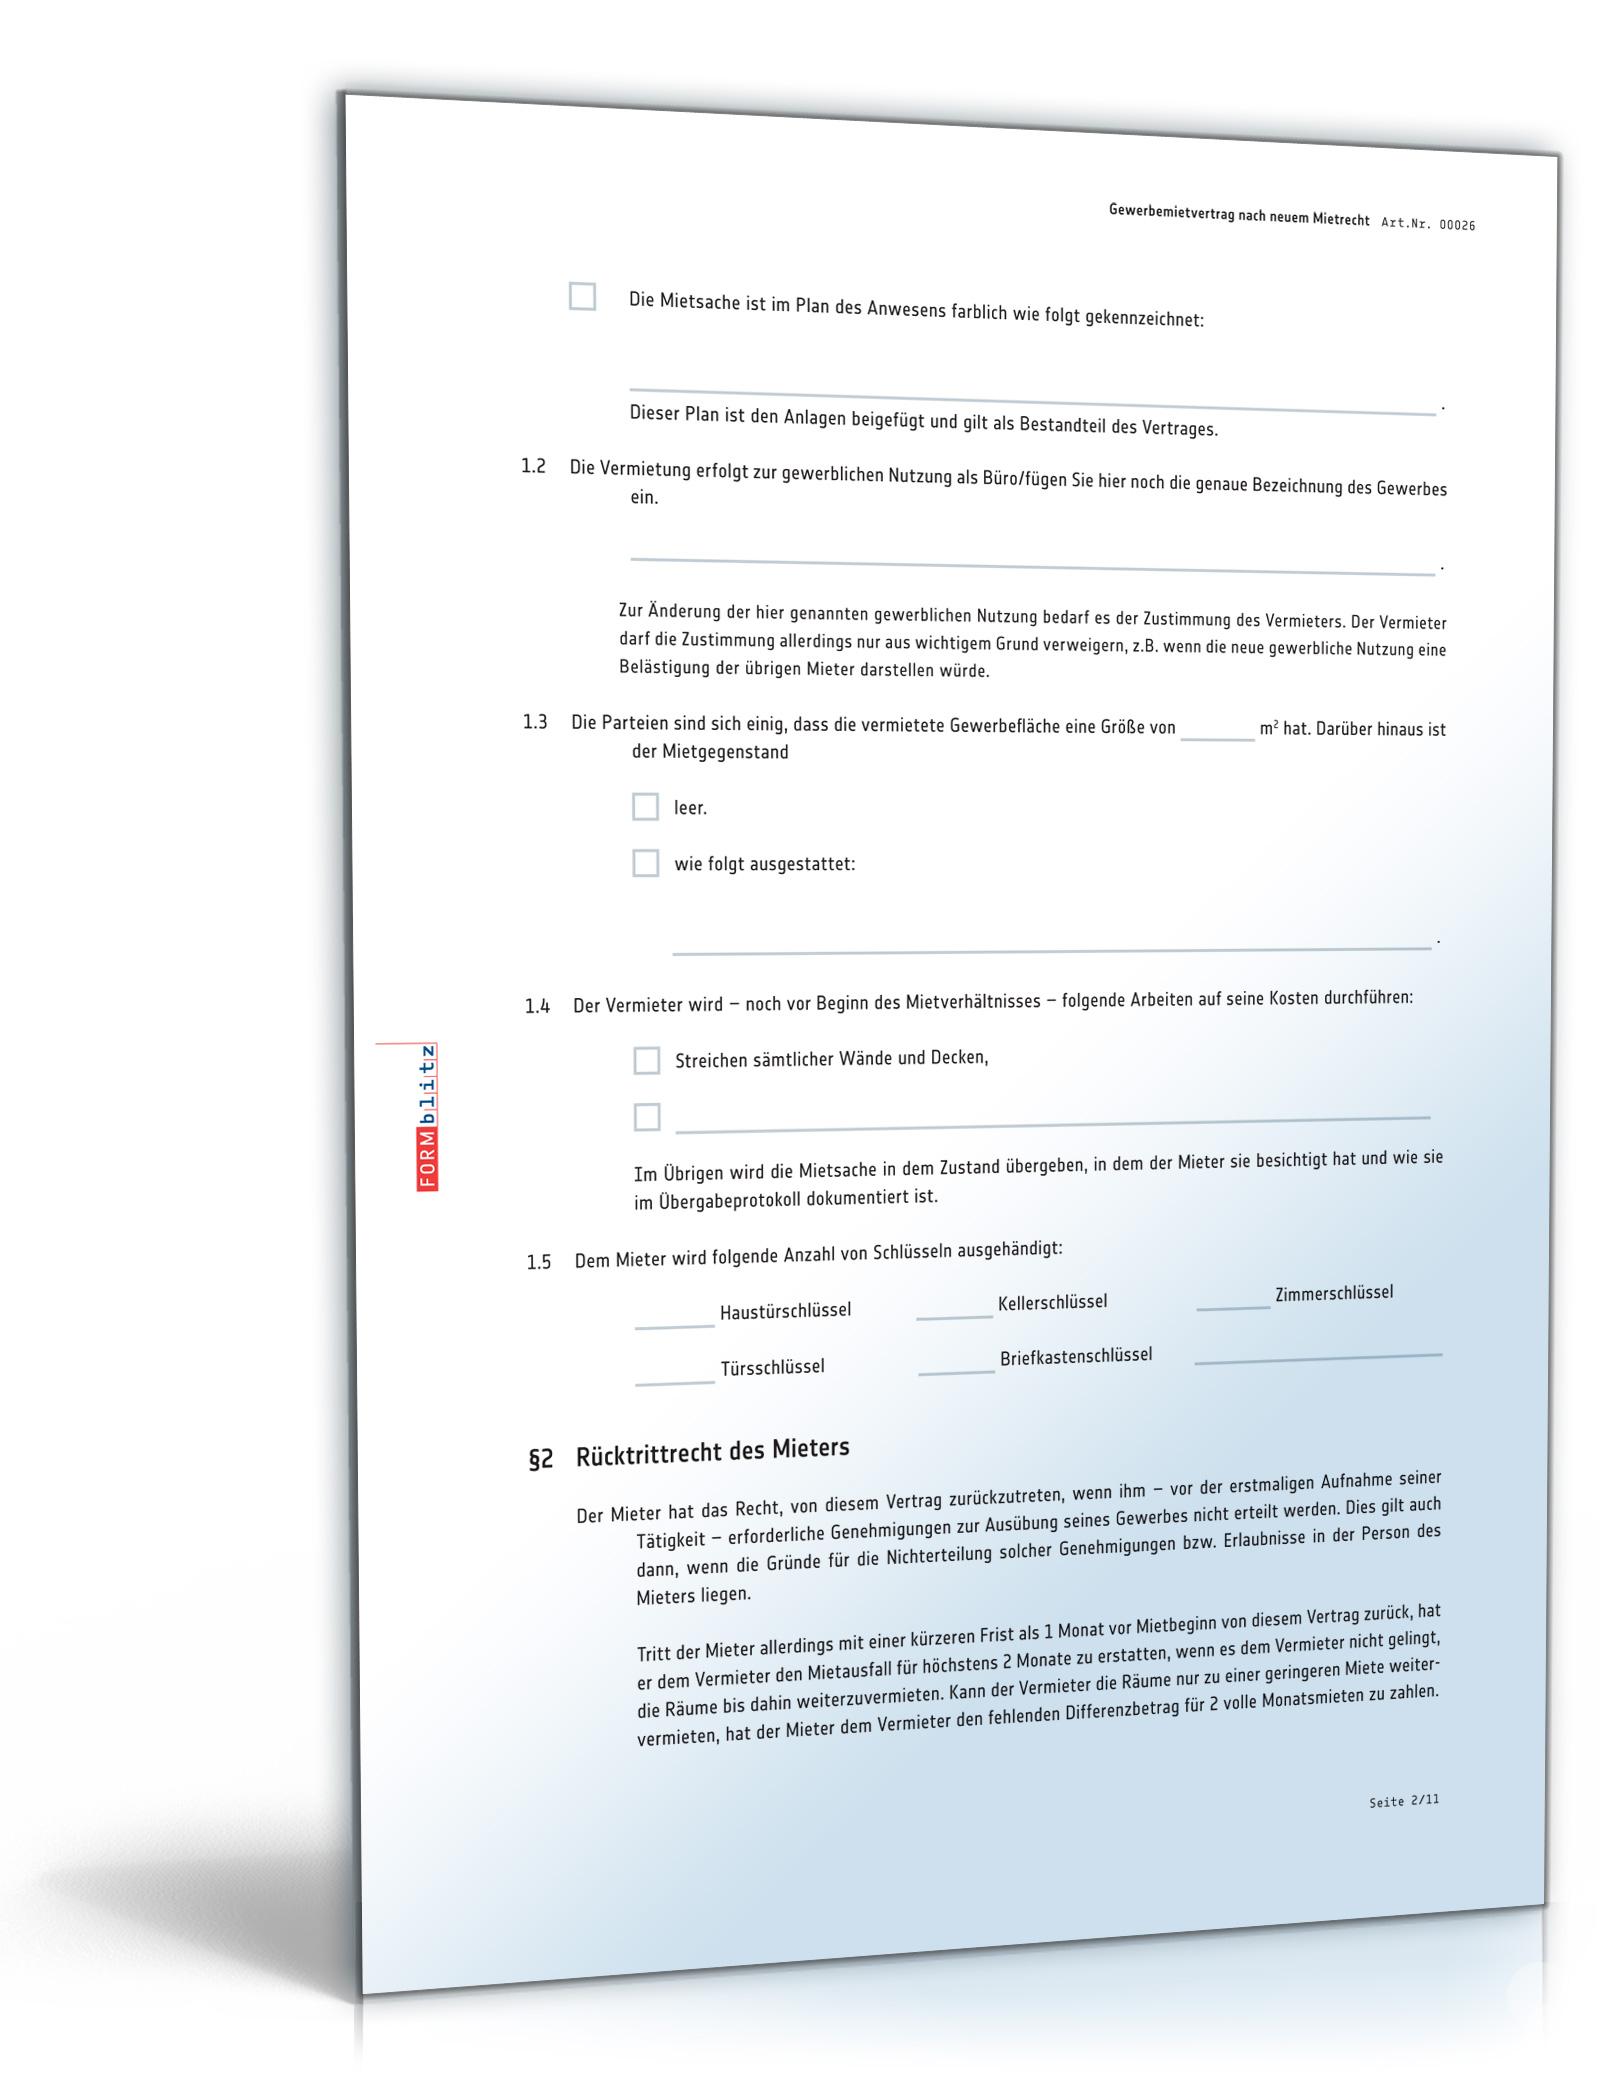 Mietvertrag gewerbliche Räume (PDF) - Gewerbemietvertrag für ...